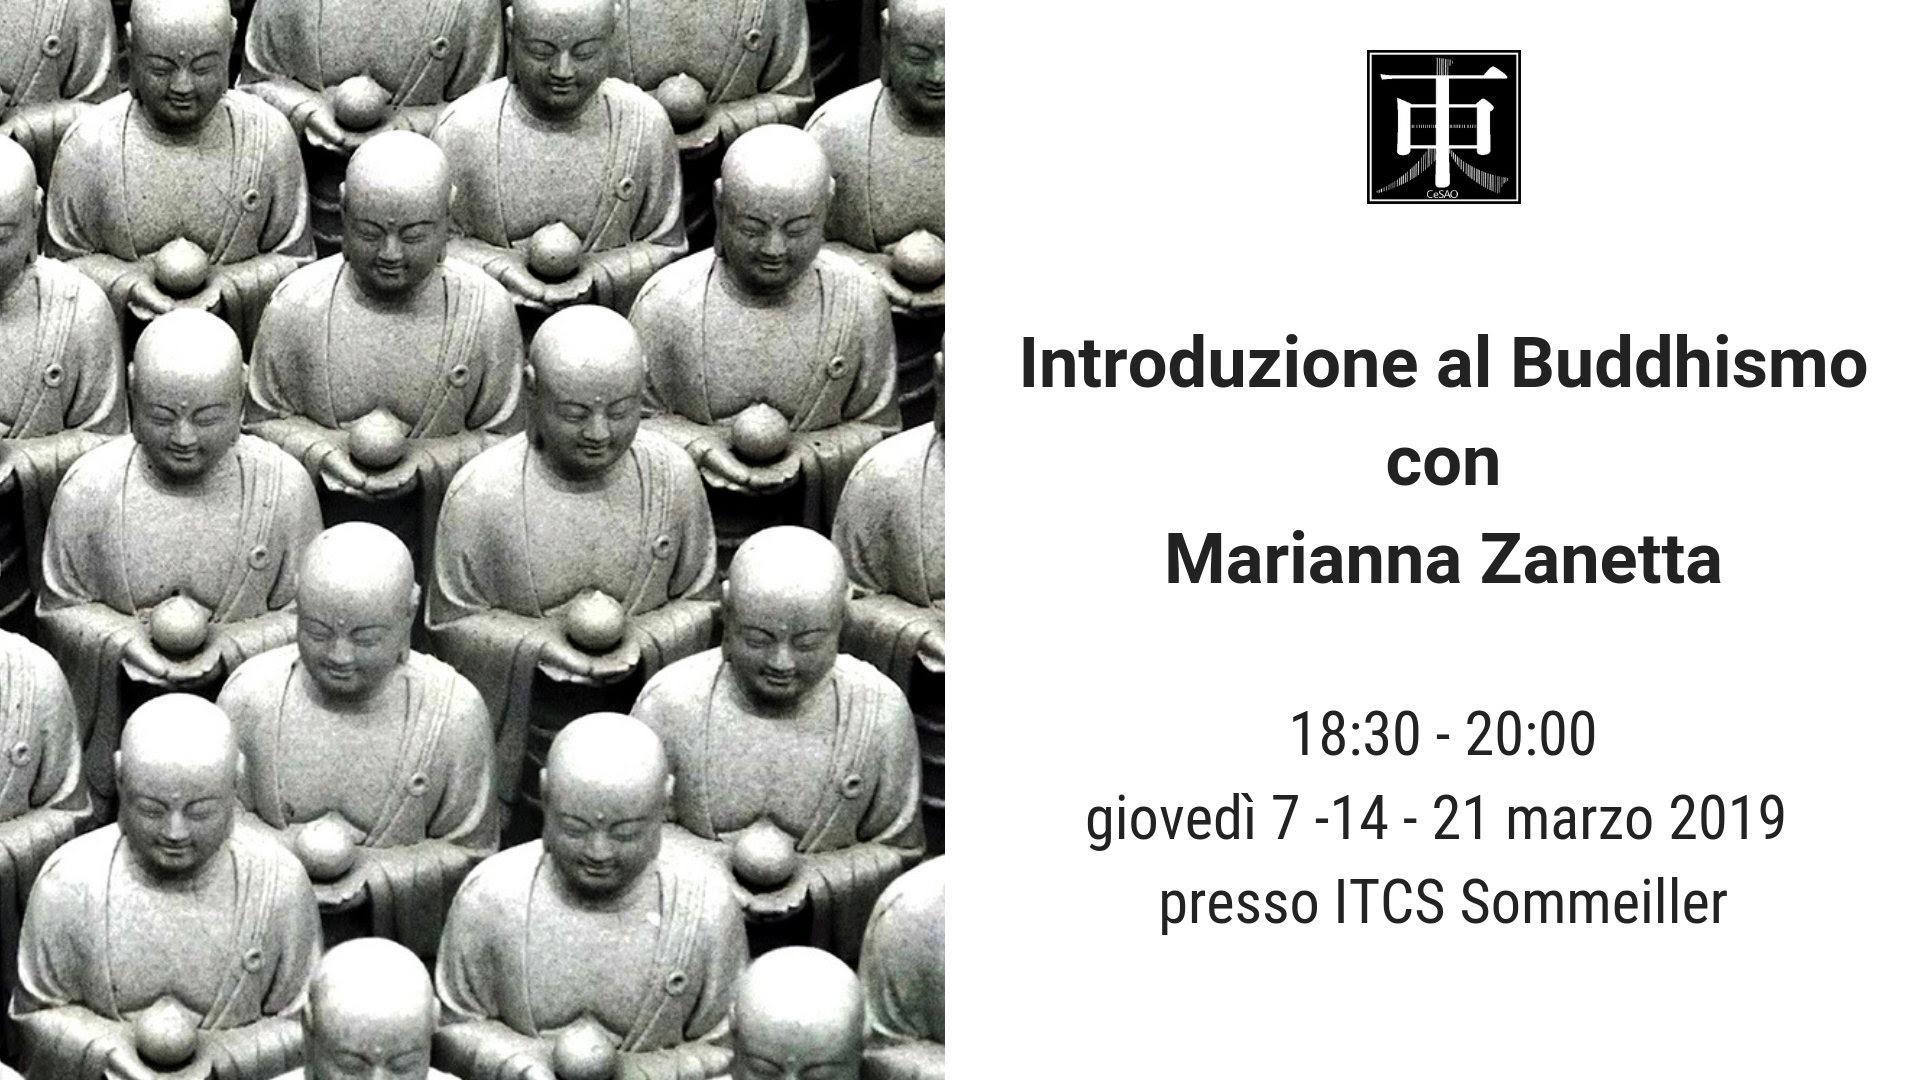 Introduzione al Buddhismo @ Torino